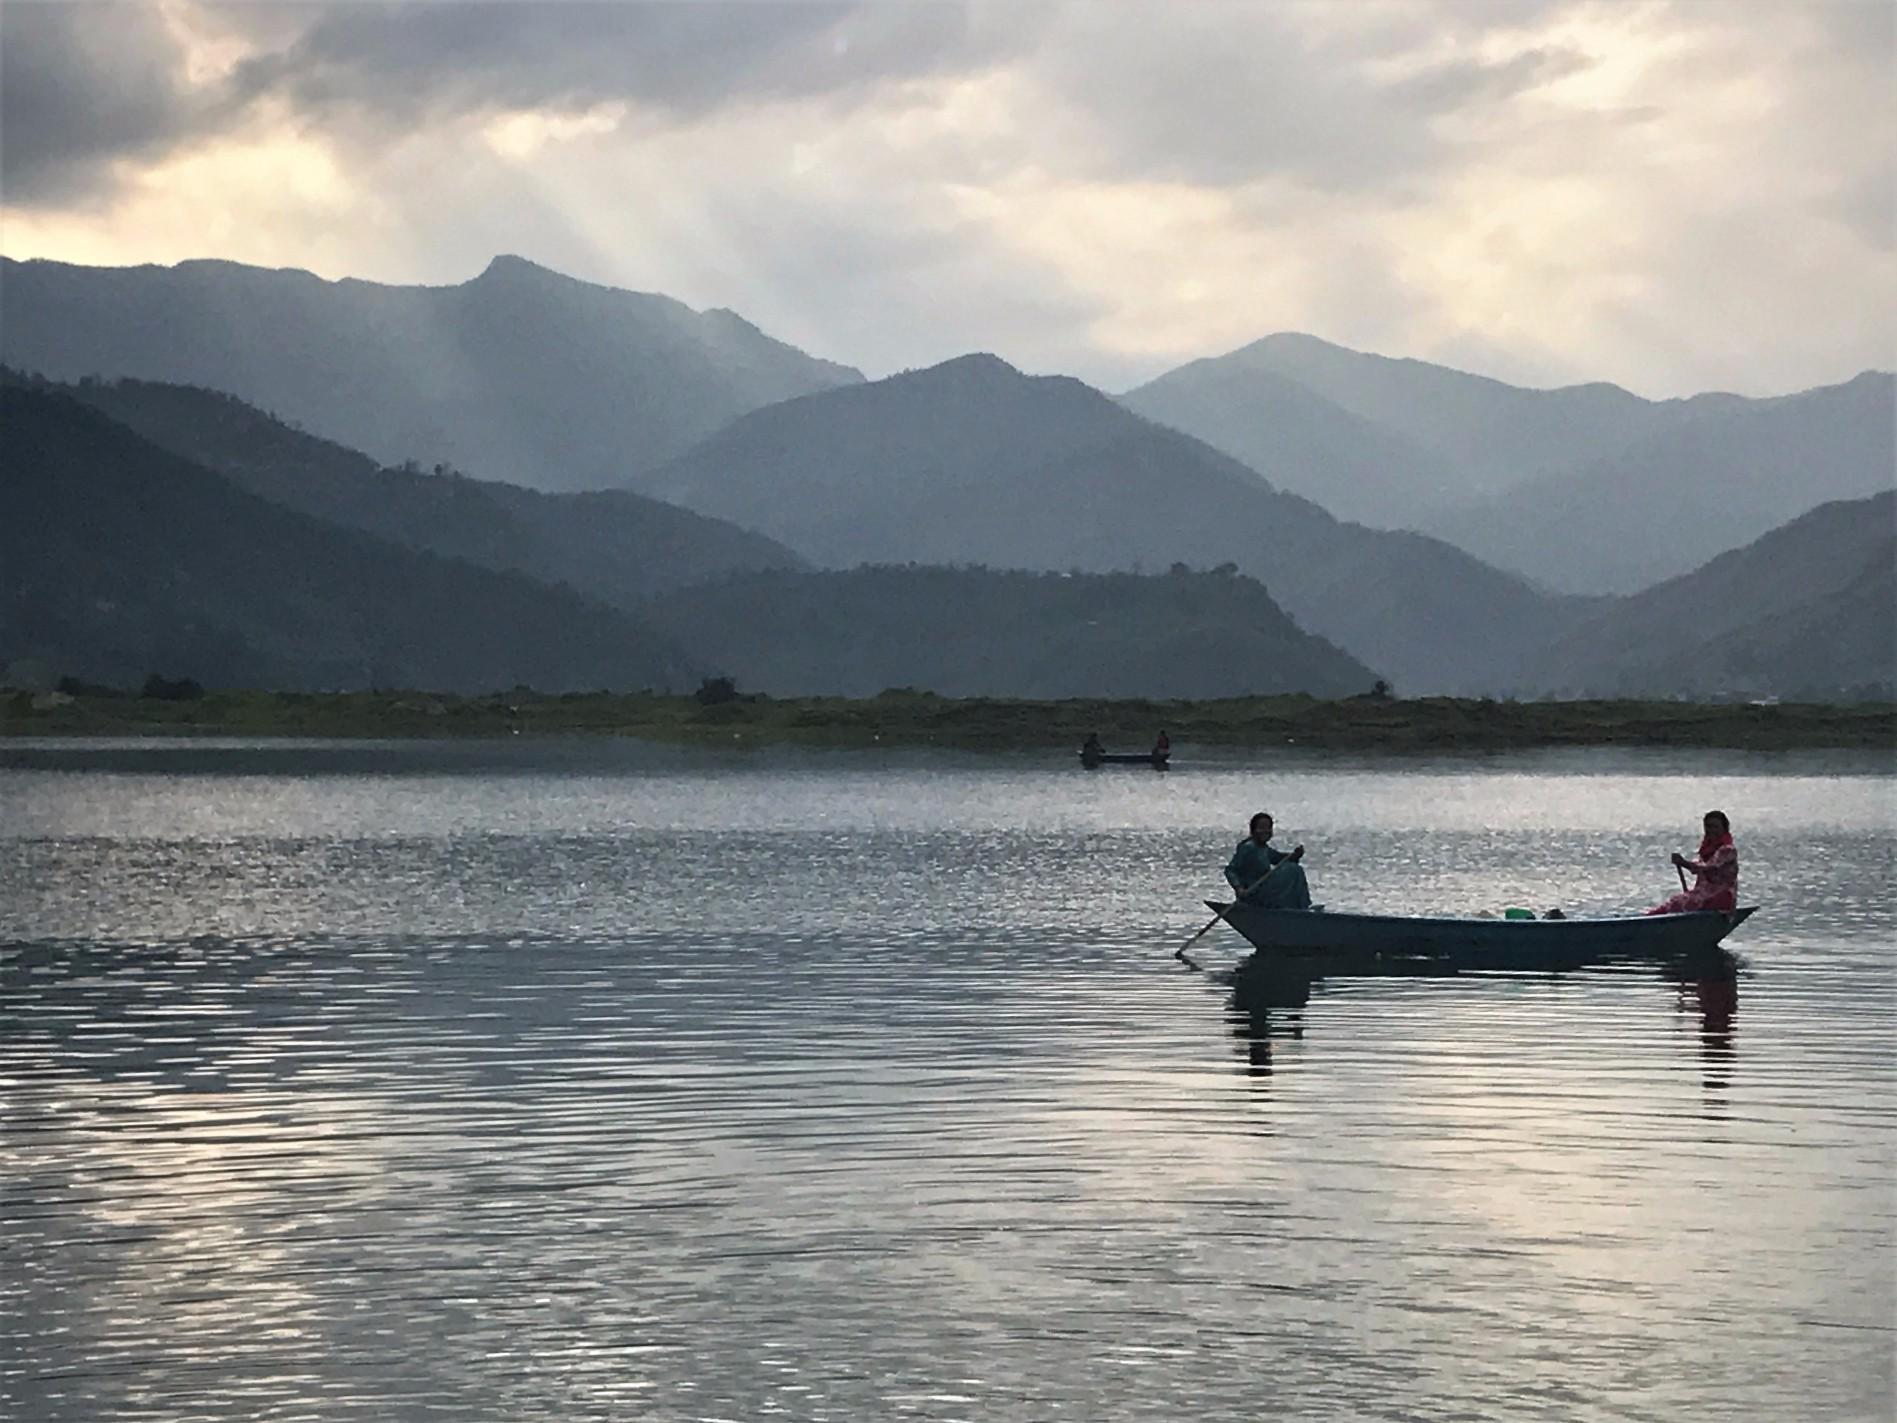 Two women fishing at sunset on Fewa Lake